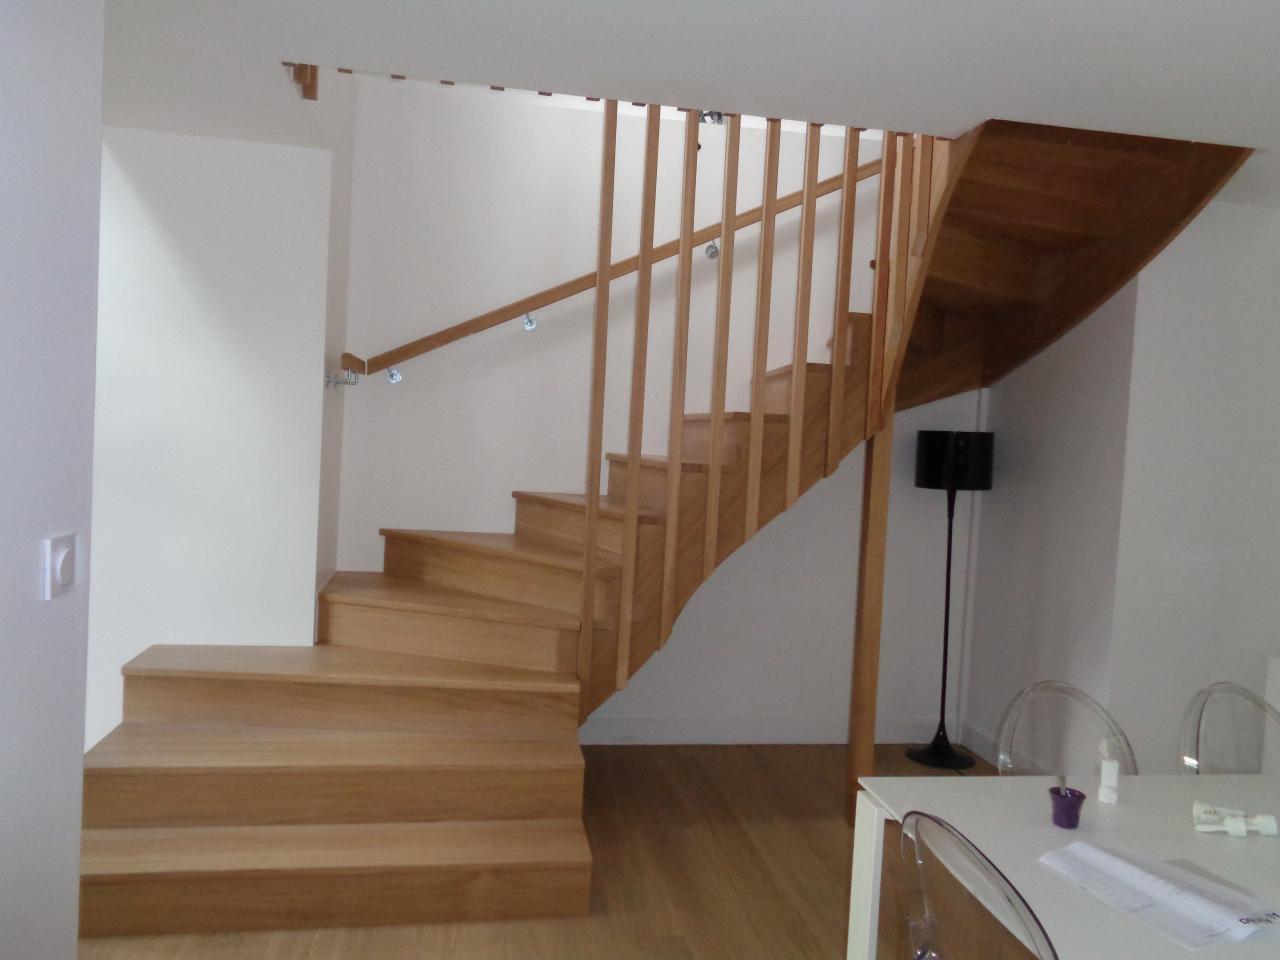 Escalier double quarts tournants haut, sur mesure.